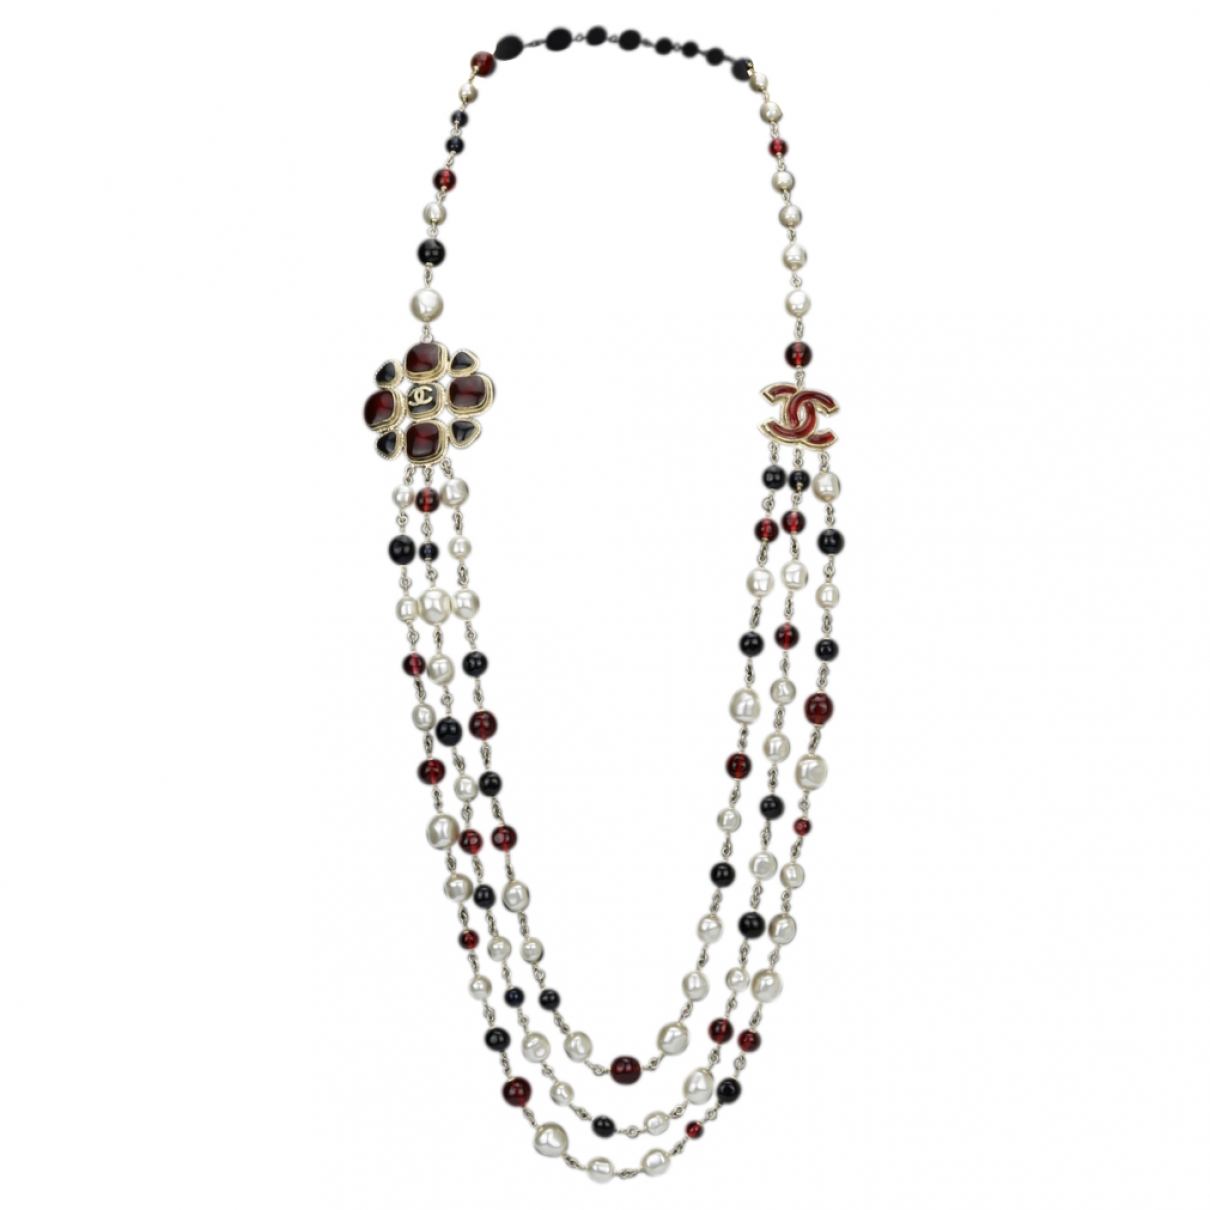 Chanel - Sautoir CC pour femme en perles - multicolore